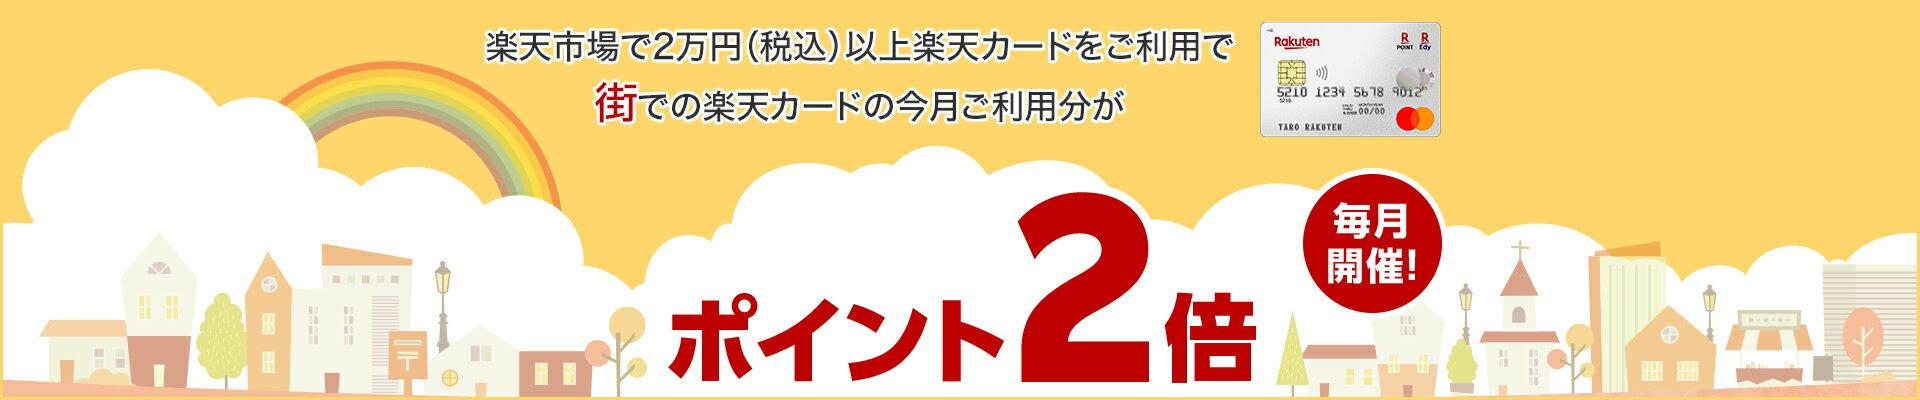 楽天市場で2万円(税込)以上楽天カードをご利用で街での楽天カードの今月ご利用分がポイント2倍